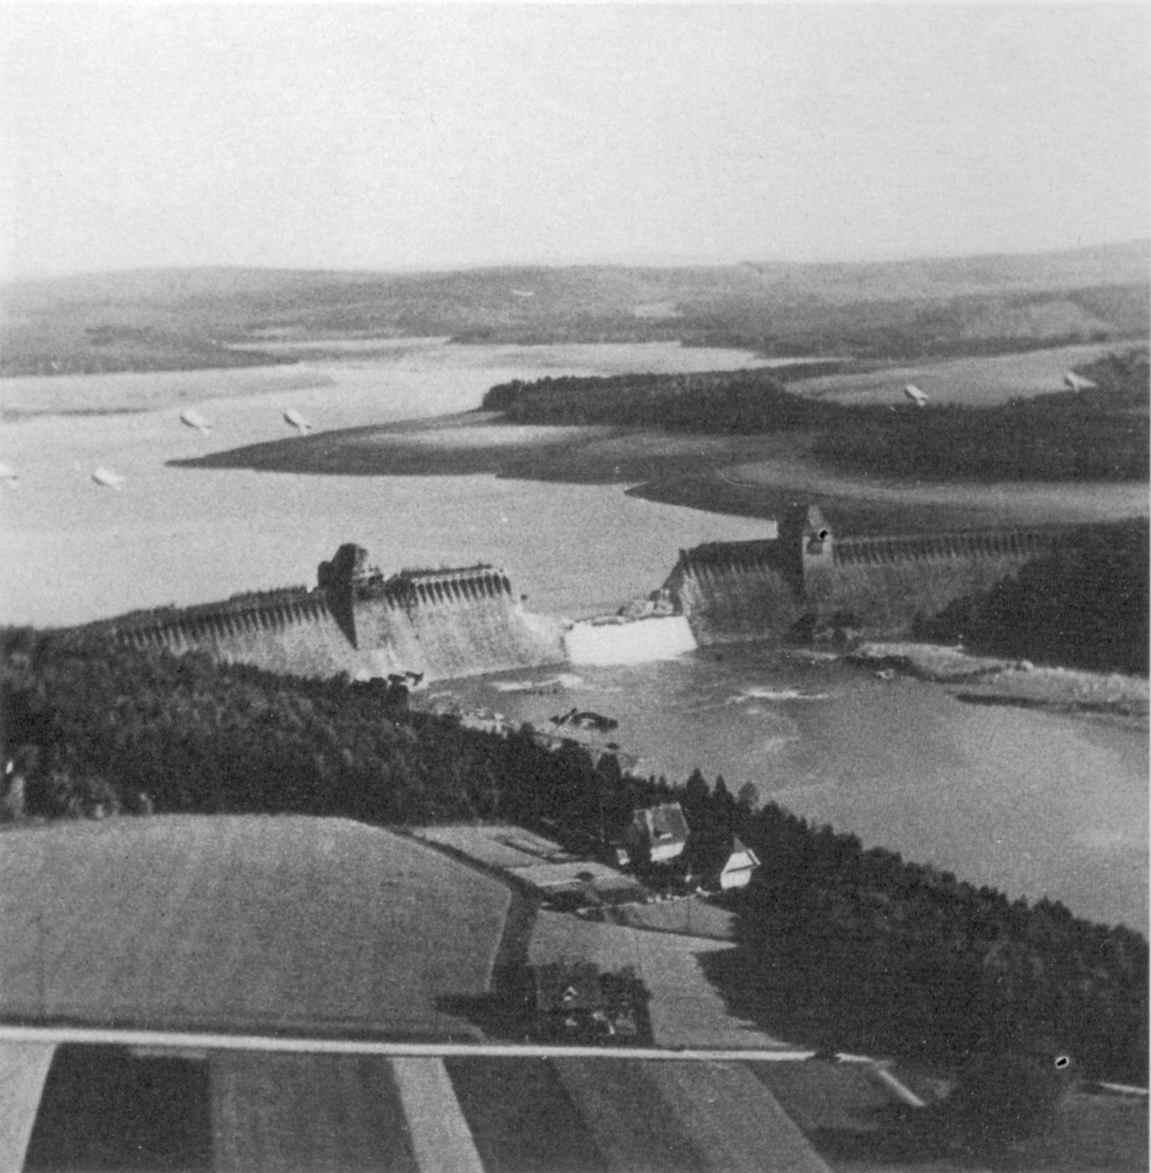 1943. A brit Lancasterek által lerombolt Möhne gát, amely leglább 1576 emberéletet követelt..jpg